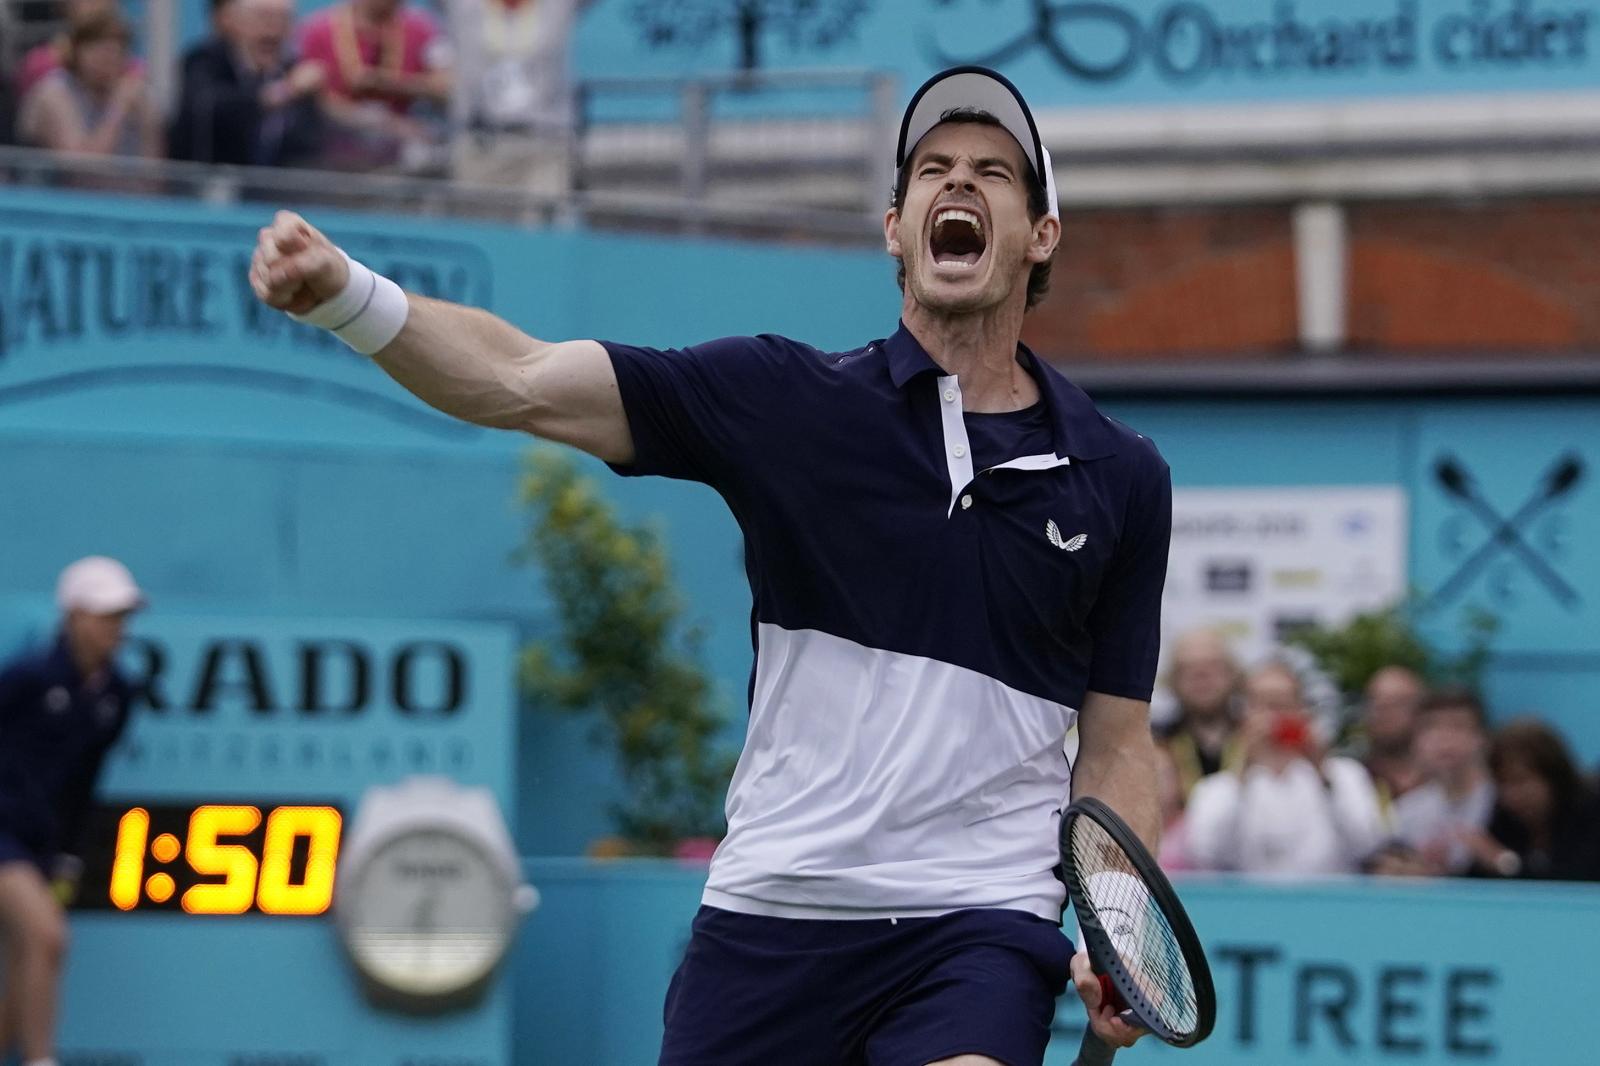 Andy Murray celebruje zwycięstwo w meczu tenisowym. Fot. PAP/EPA/WILL OLIVER